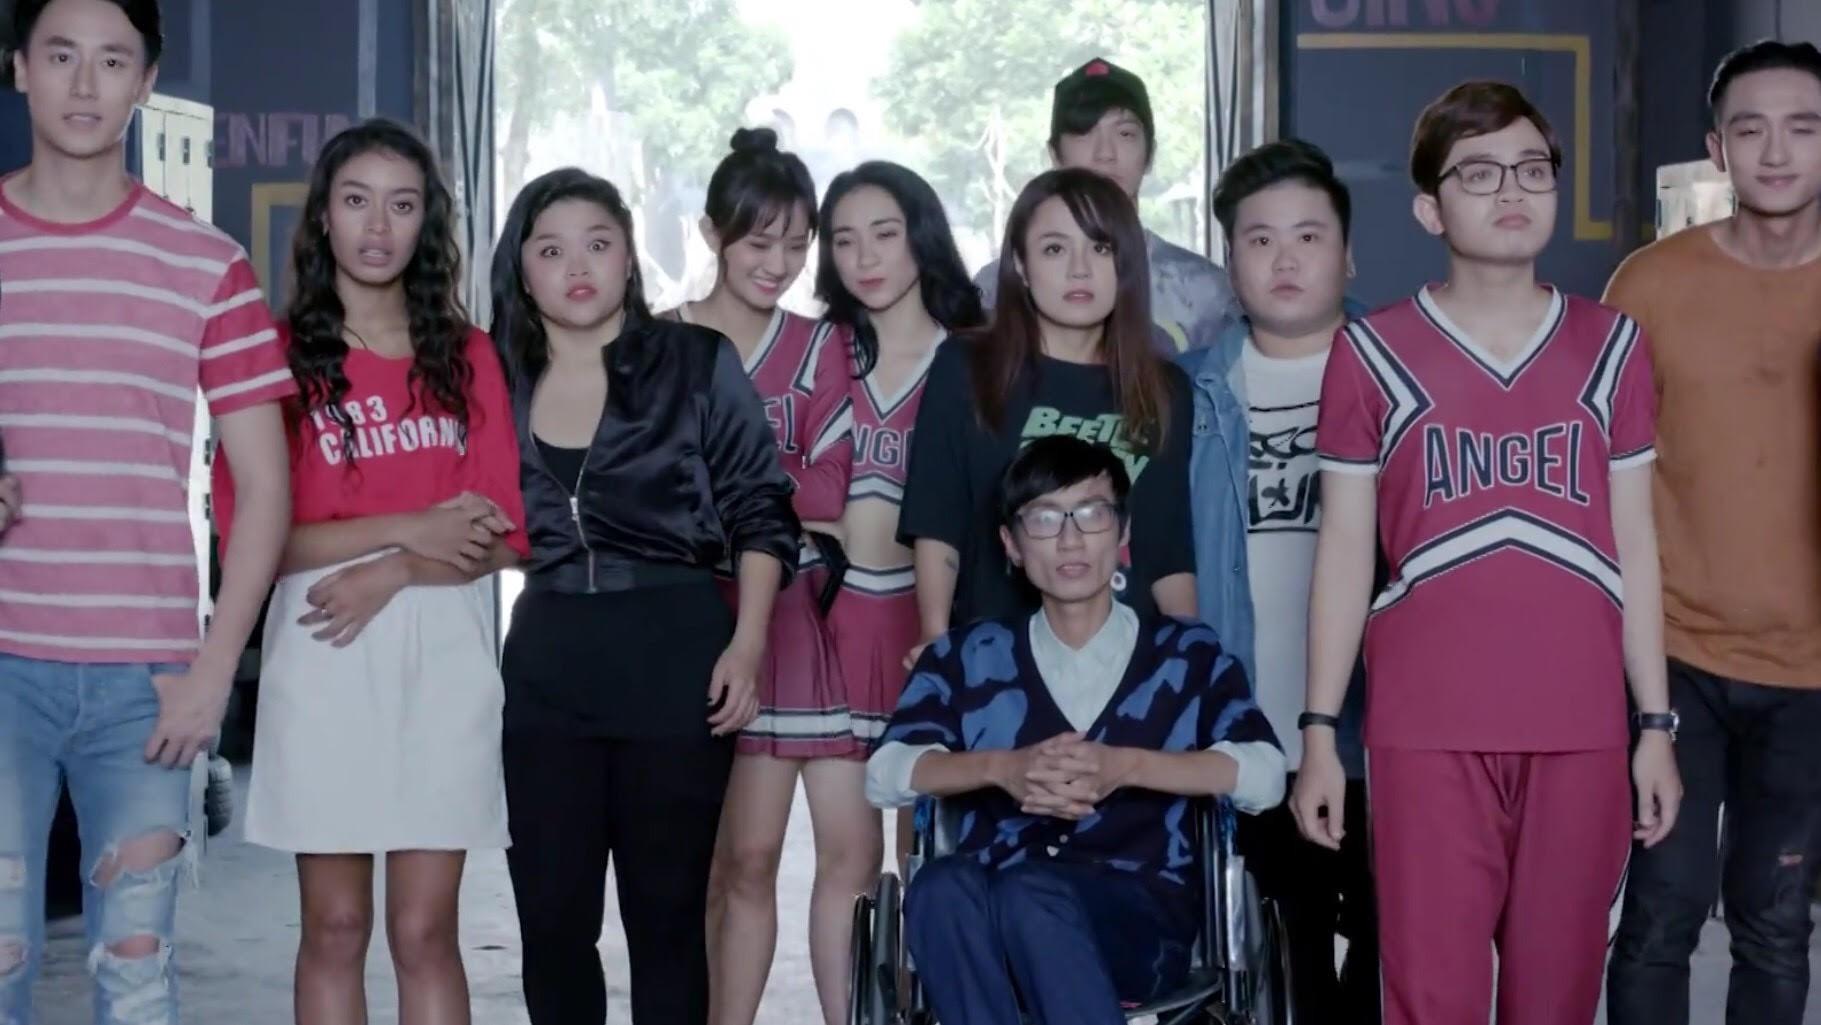 Glee Việt tập áp cuối: Để ủng hộ tinh thần Angela, toàn bộ nữ sinh của Glee đồng loạt mang bầu! - Ảnh 2.